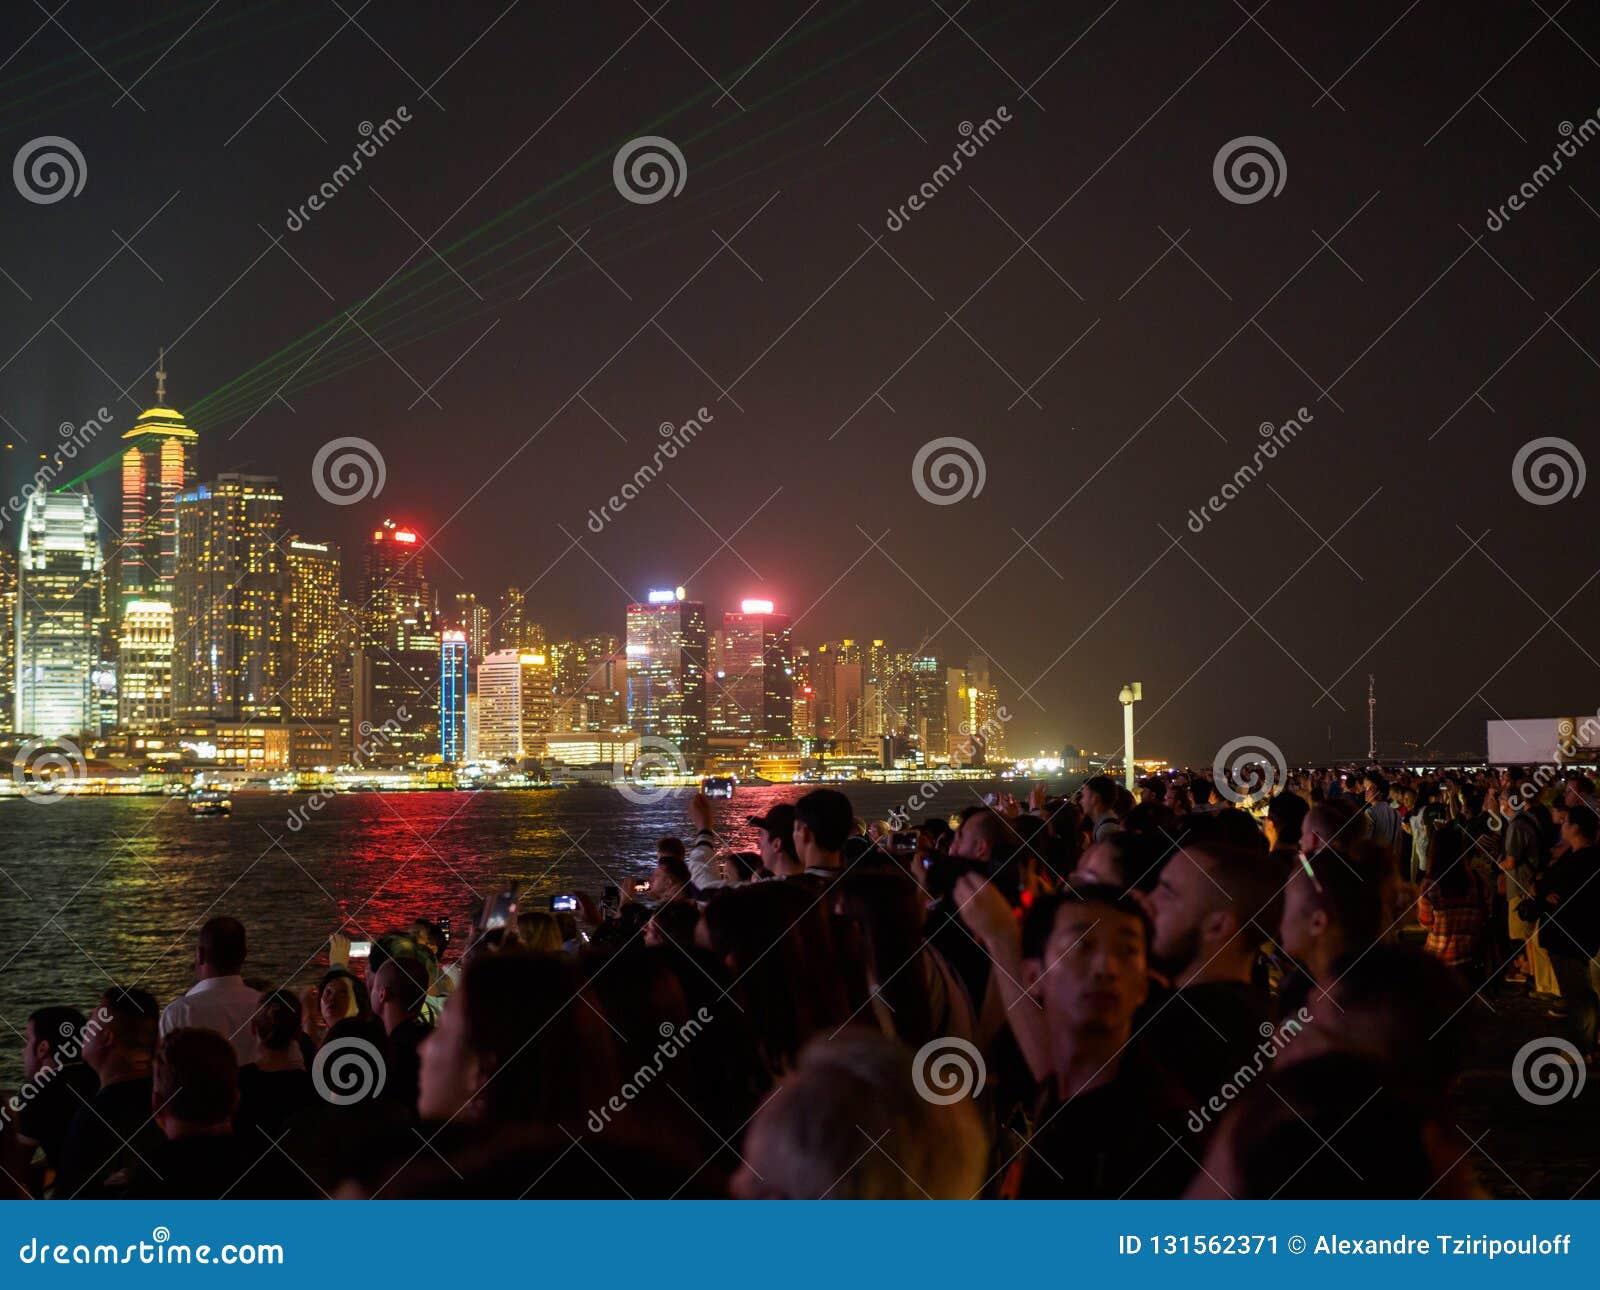 Os grandes grupos de pessoas recolhem no cais de Kownloon para admirar a sinfonia do espetáculo A